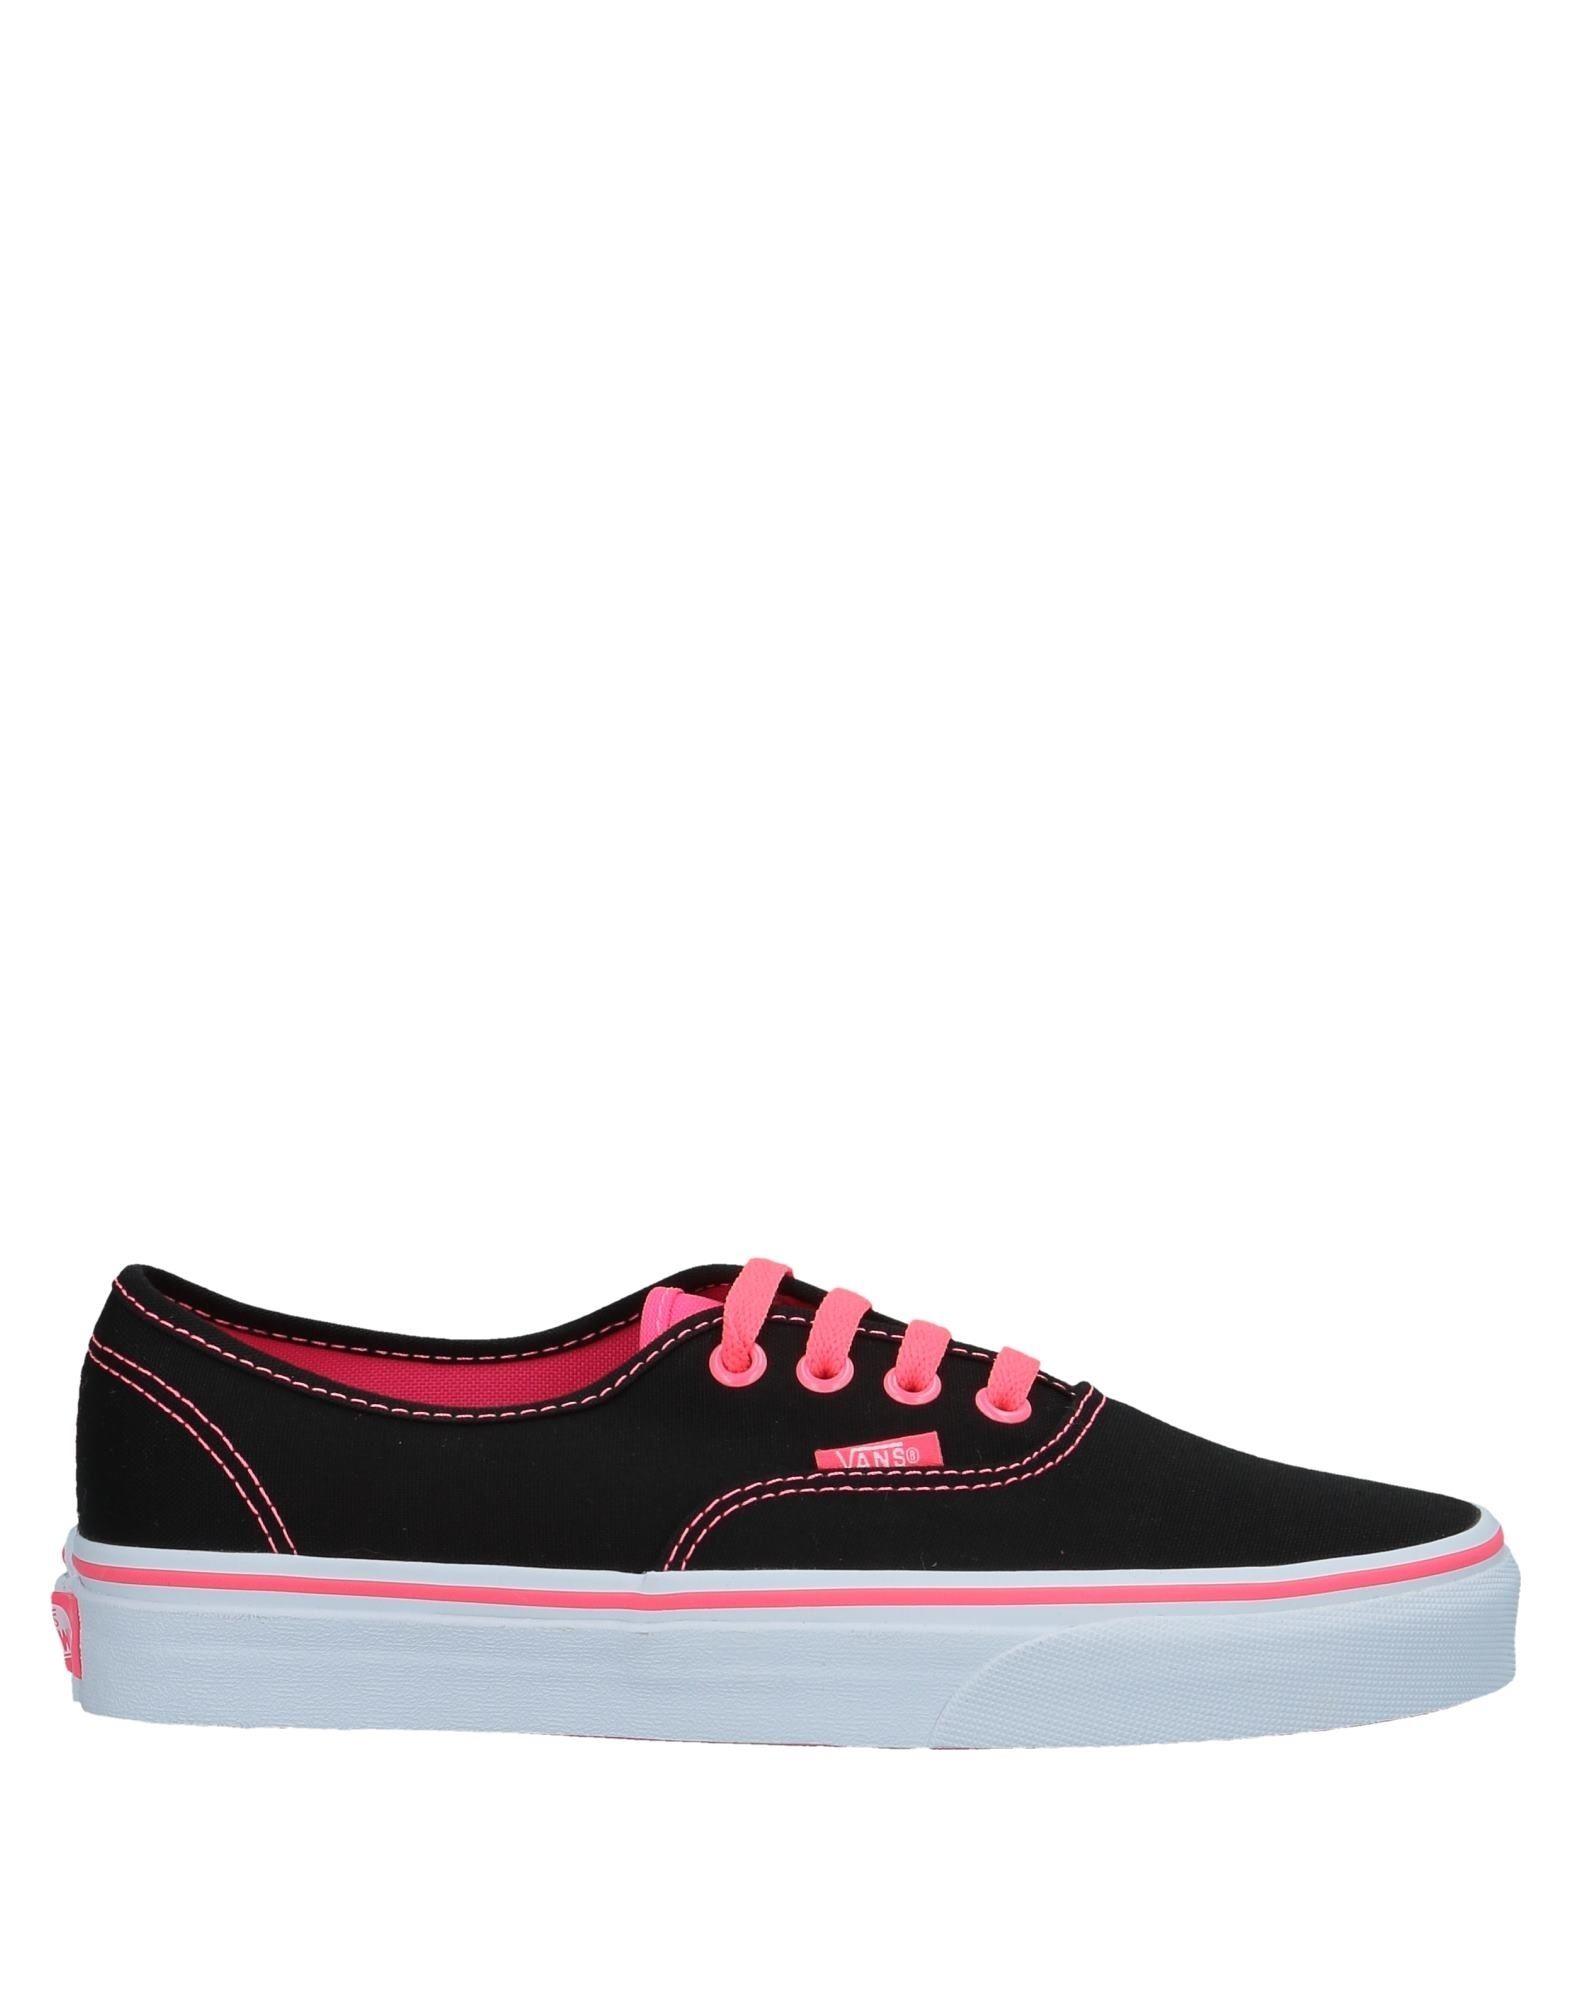 Sneakers Vans Donna - 11527947FP Scarpe economiche e buone